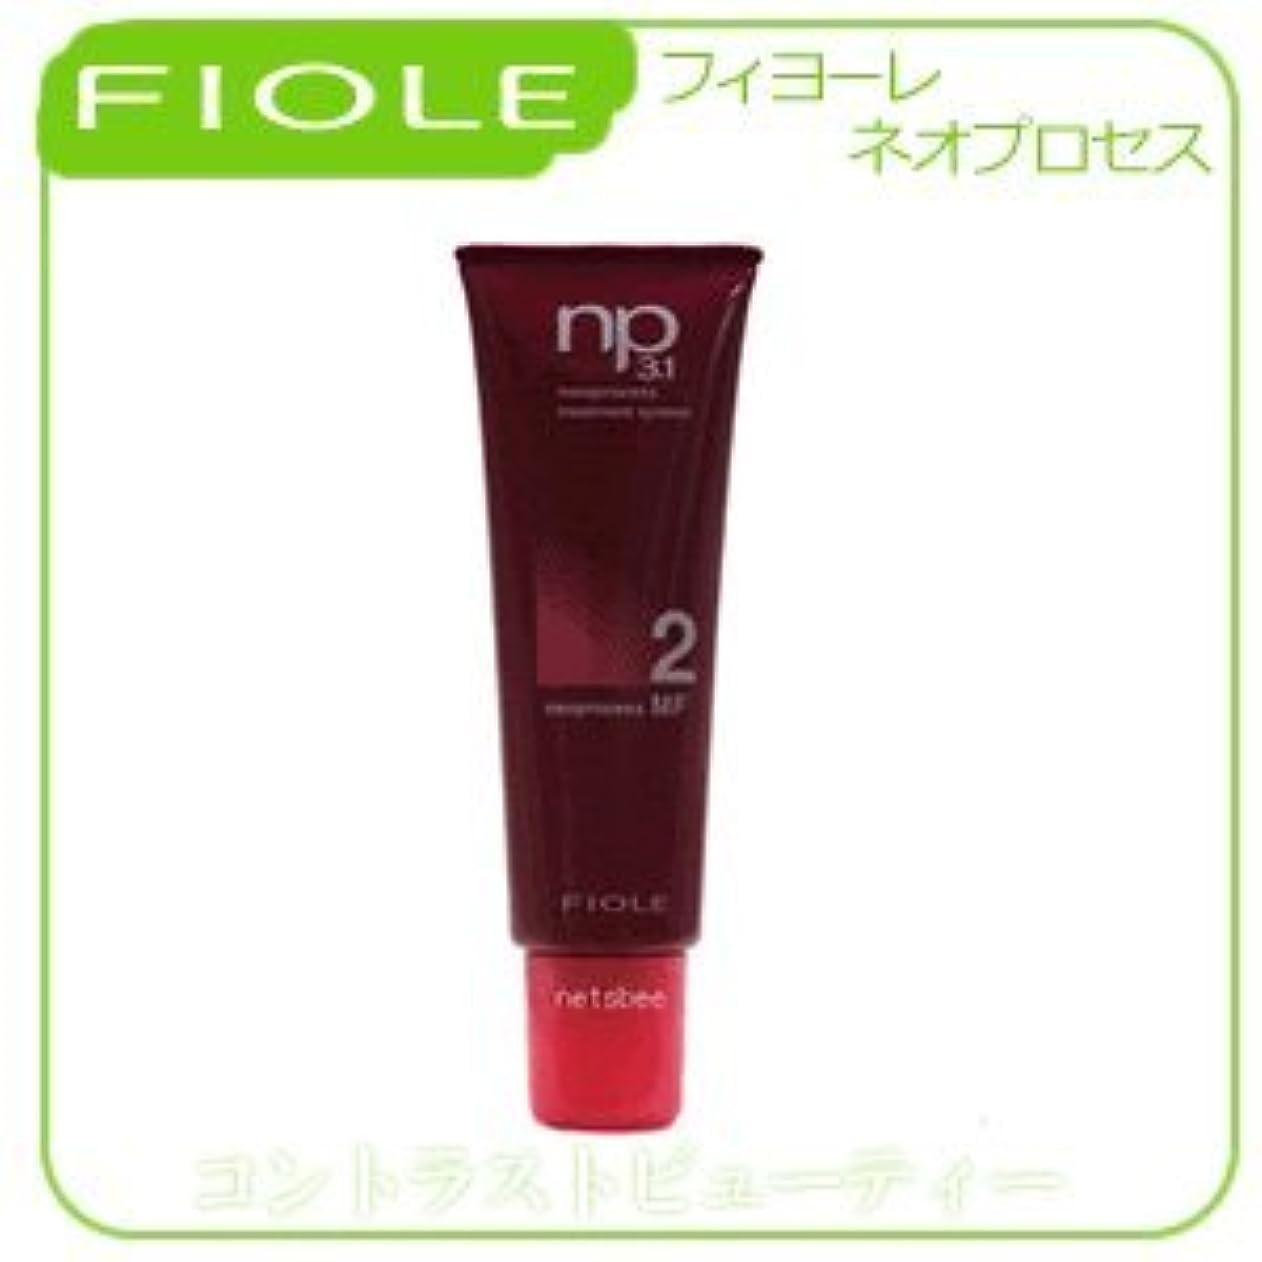 質量電卓仮装フィヨーレ NP3.1 ネオプロセス MF2 130g FIOLE ネオプロセス